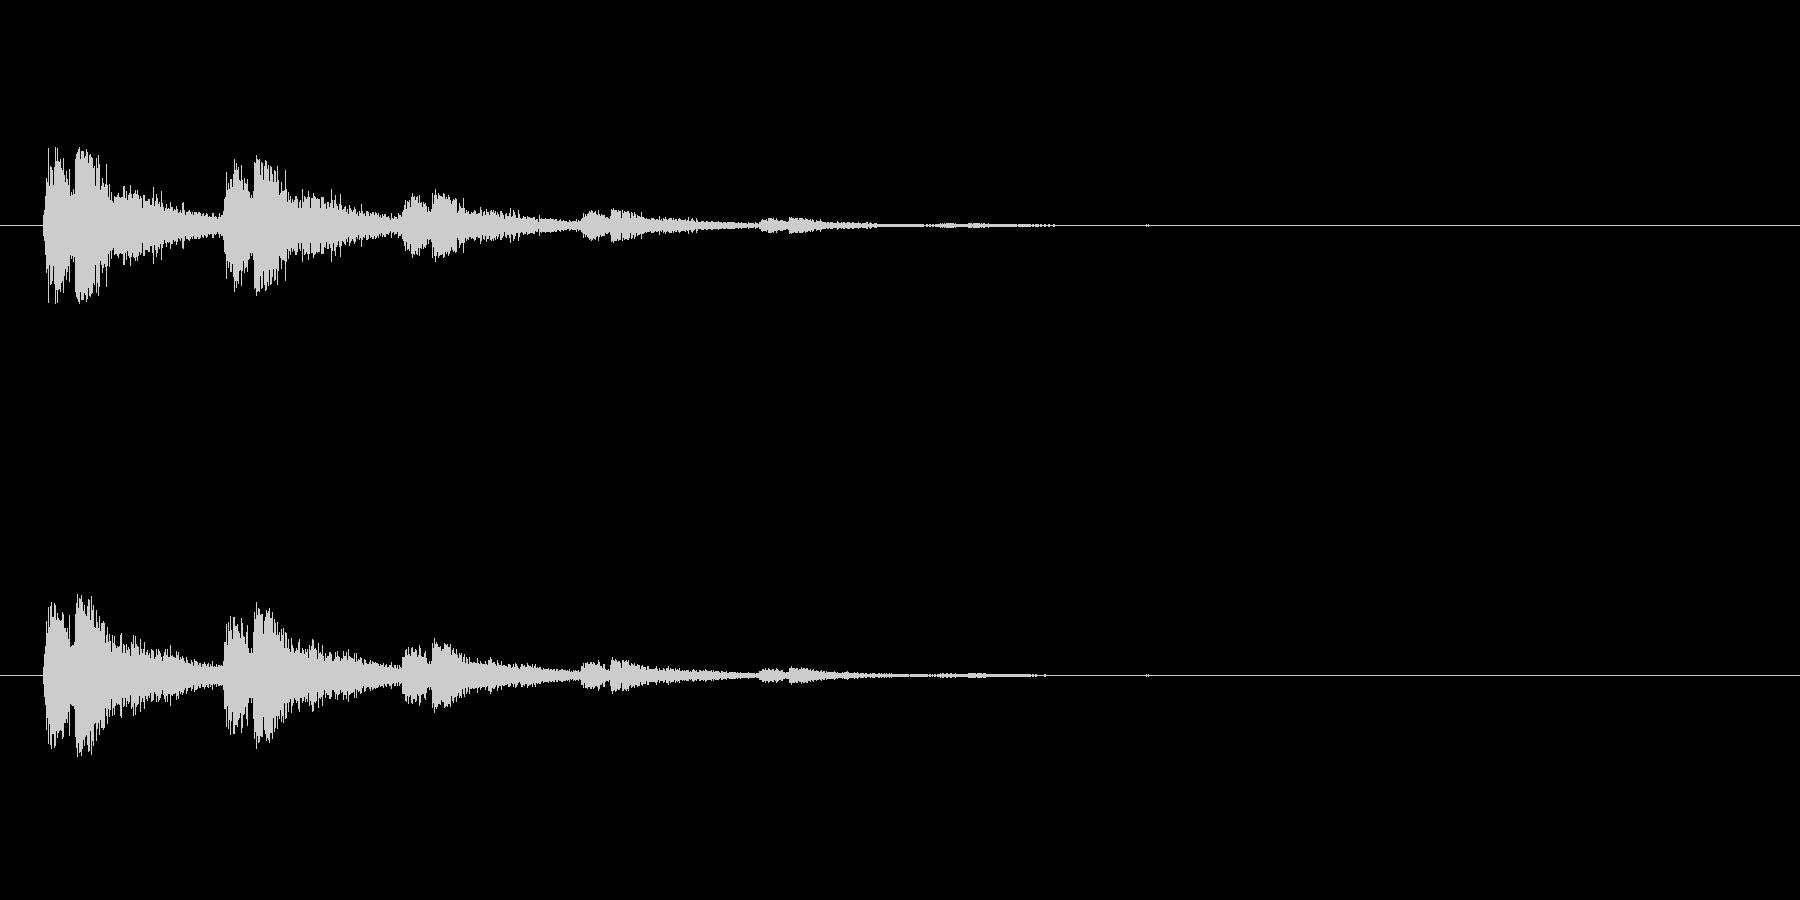 【スポットライト02-2】の未再生の波形